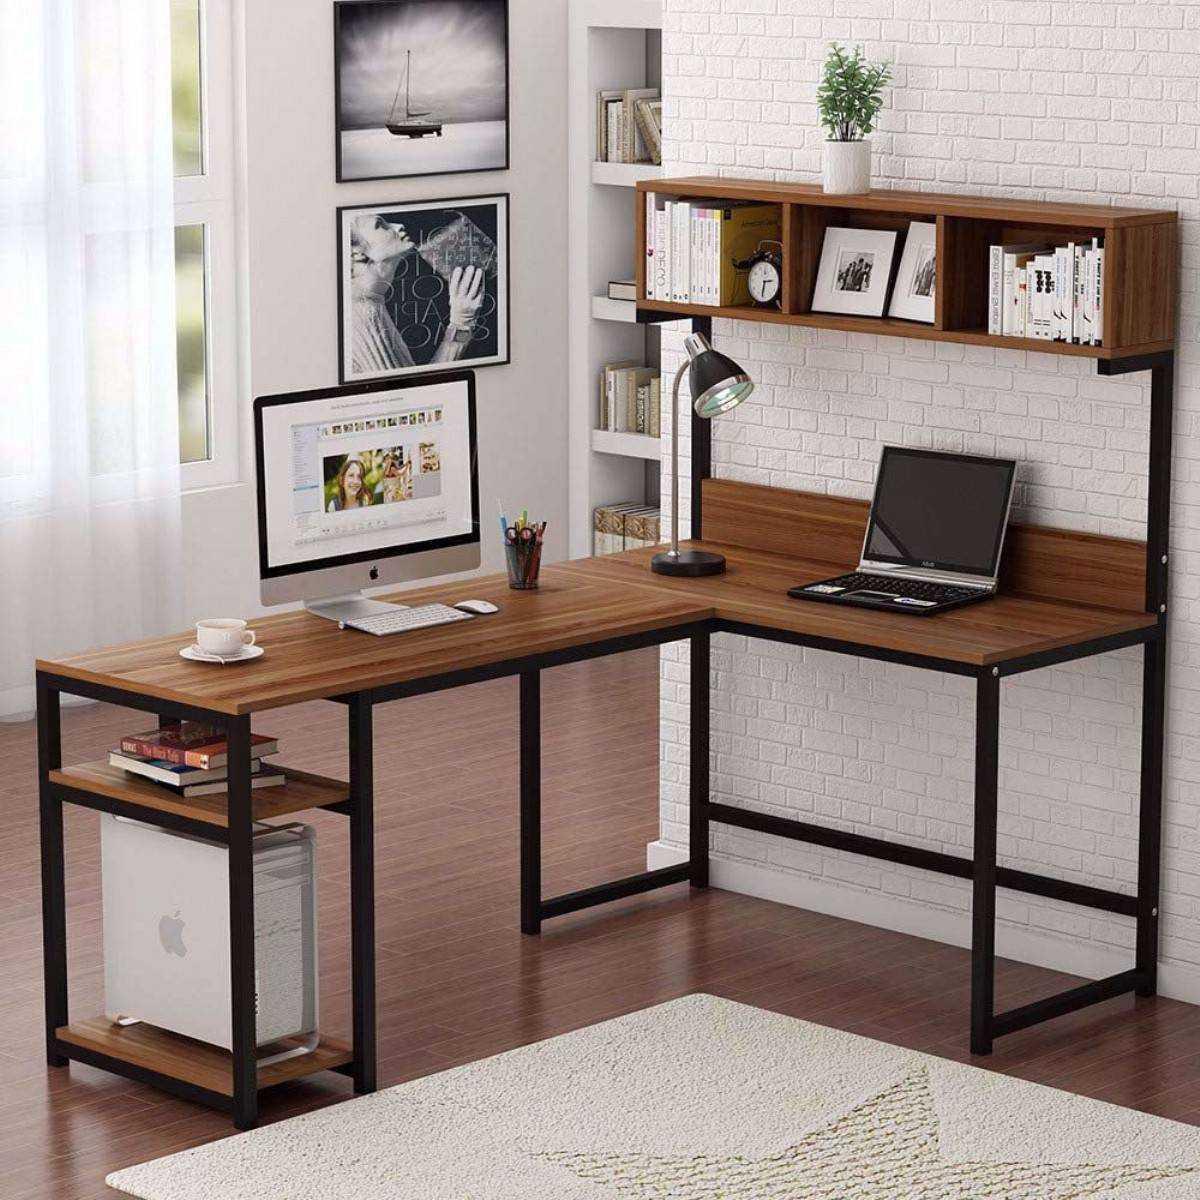 Zizuva Ceviz Renk L Köşe Ev Ofis  Raflı Kitaplıklı Metal Çalışma Masası